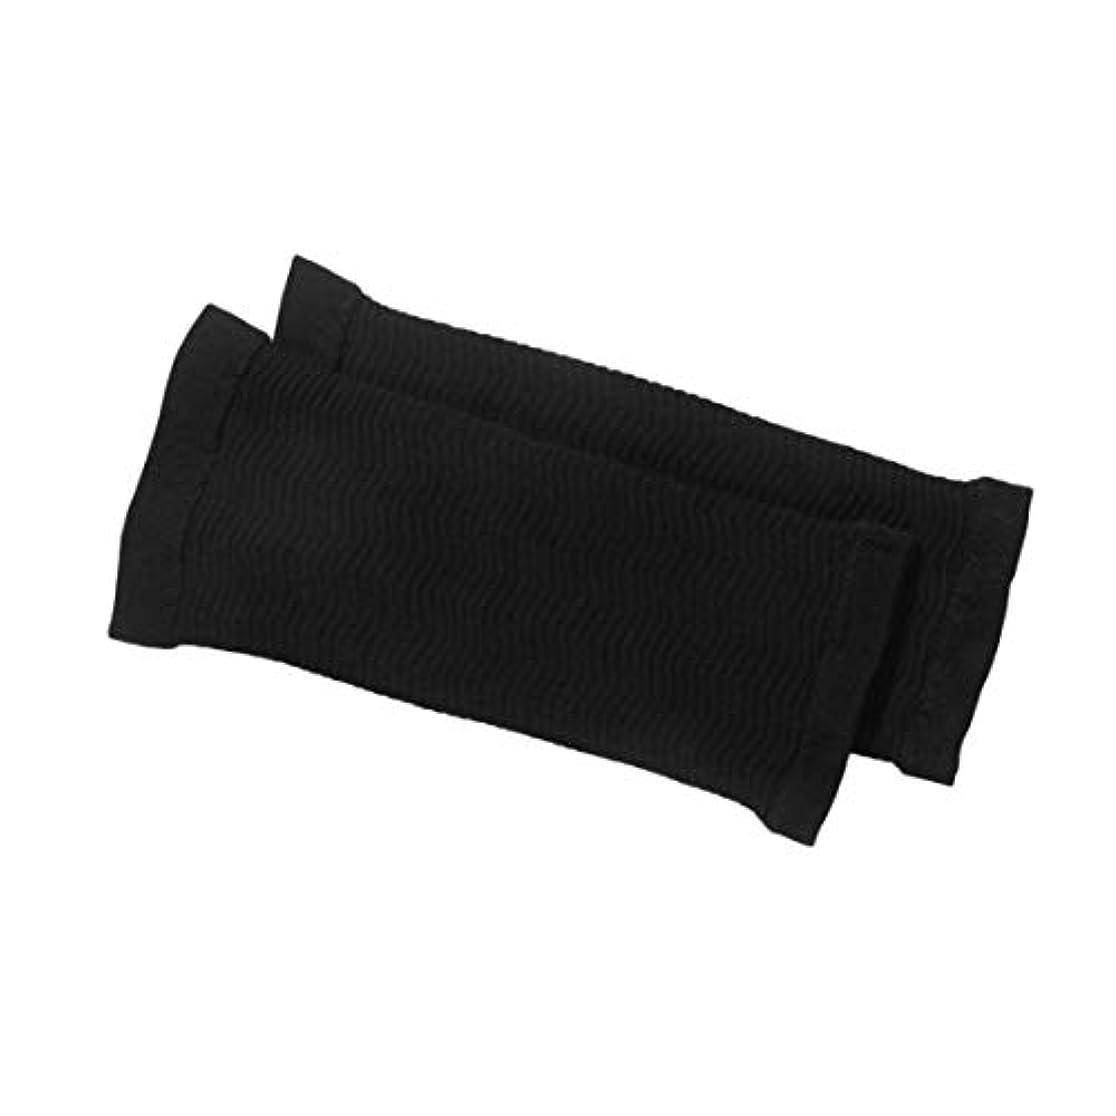 鼓舞するオークランド氏1ペア420 D圧縮痩身アームスリーブワークアウトトーニングバーンセルライトシェイパー脂肪燃焼袖用女性 - 黒